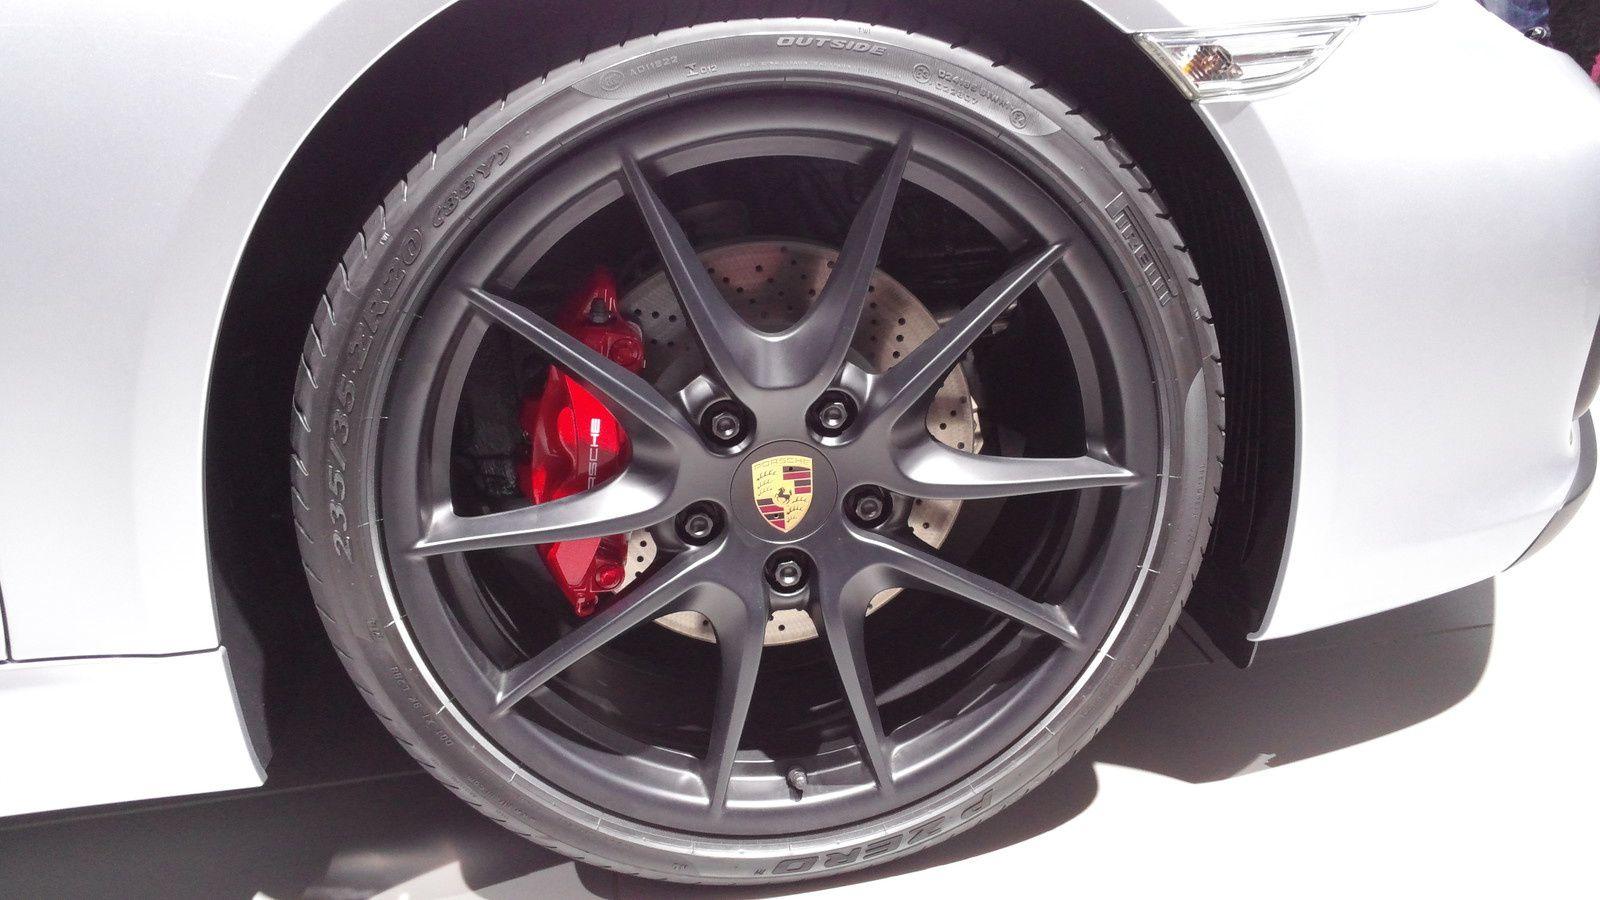 Porsche Cayman GTS 3.4i 340 (Coupé) - MOTEUR : ESSENCE SANS PLOMB, 6 CYLINDRES EN BOXER, 24S CYLINDRÉE : 3436 CM3 PUISSANCE FISCALE : 23 CV PUISSANCE MAX : 340 CH / 250 KW À 7400 TR/MIN COUPLE MAX : 380 NM À 4750 TR/MIN - VITESSE MAX : 285 KM/H 0 À 100 KM/H : 4.9 S